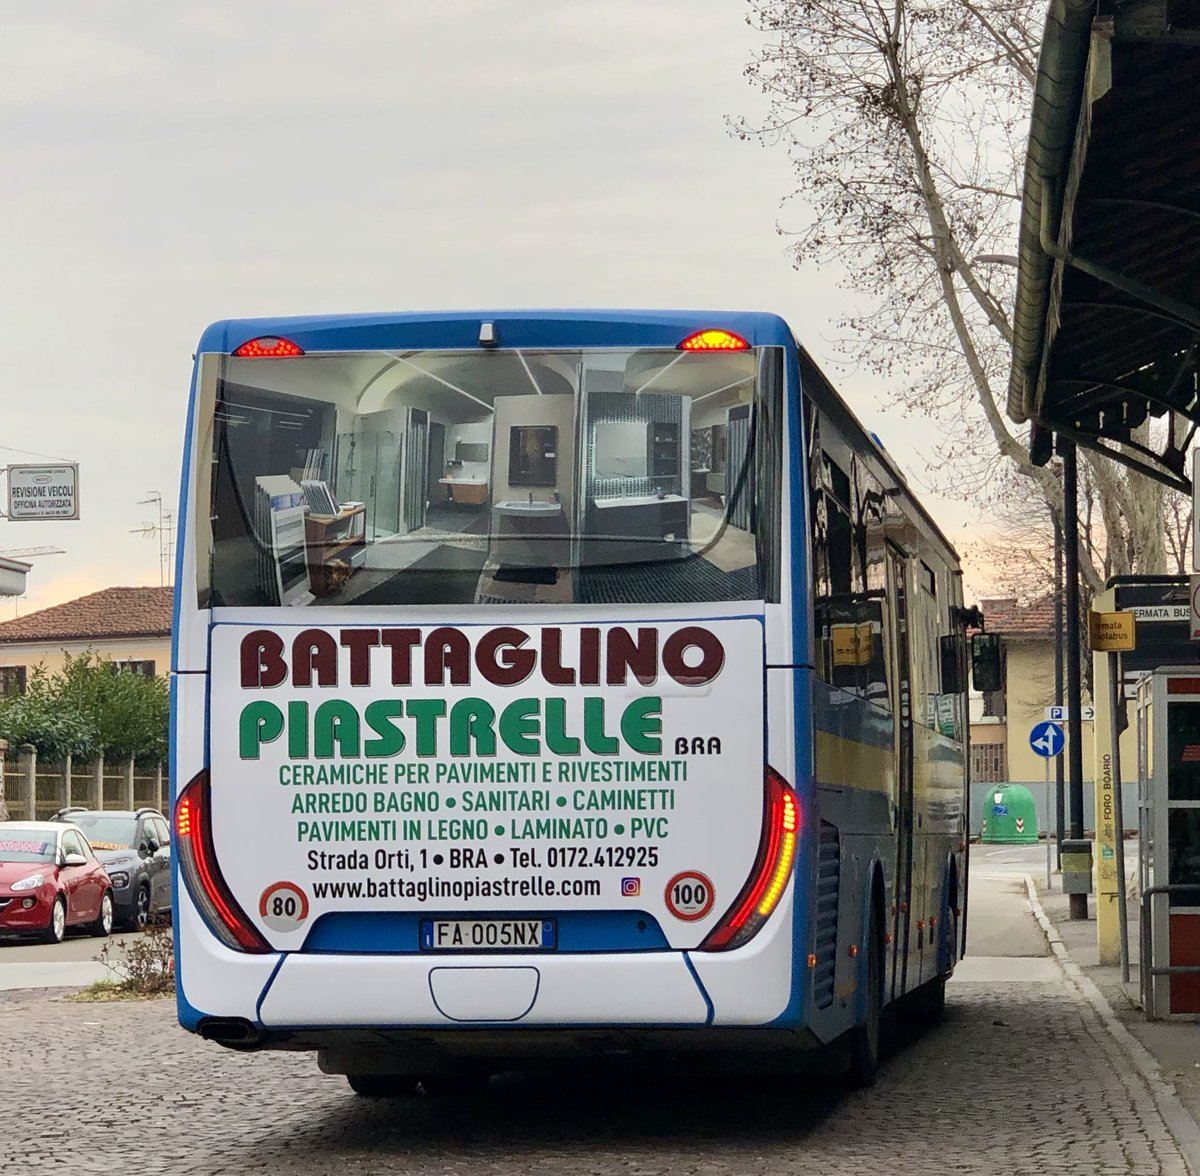 Sae Arredo Bagno Torino.Caligaris Pubblicita Advertisingbus Twitter